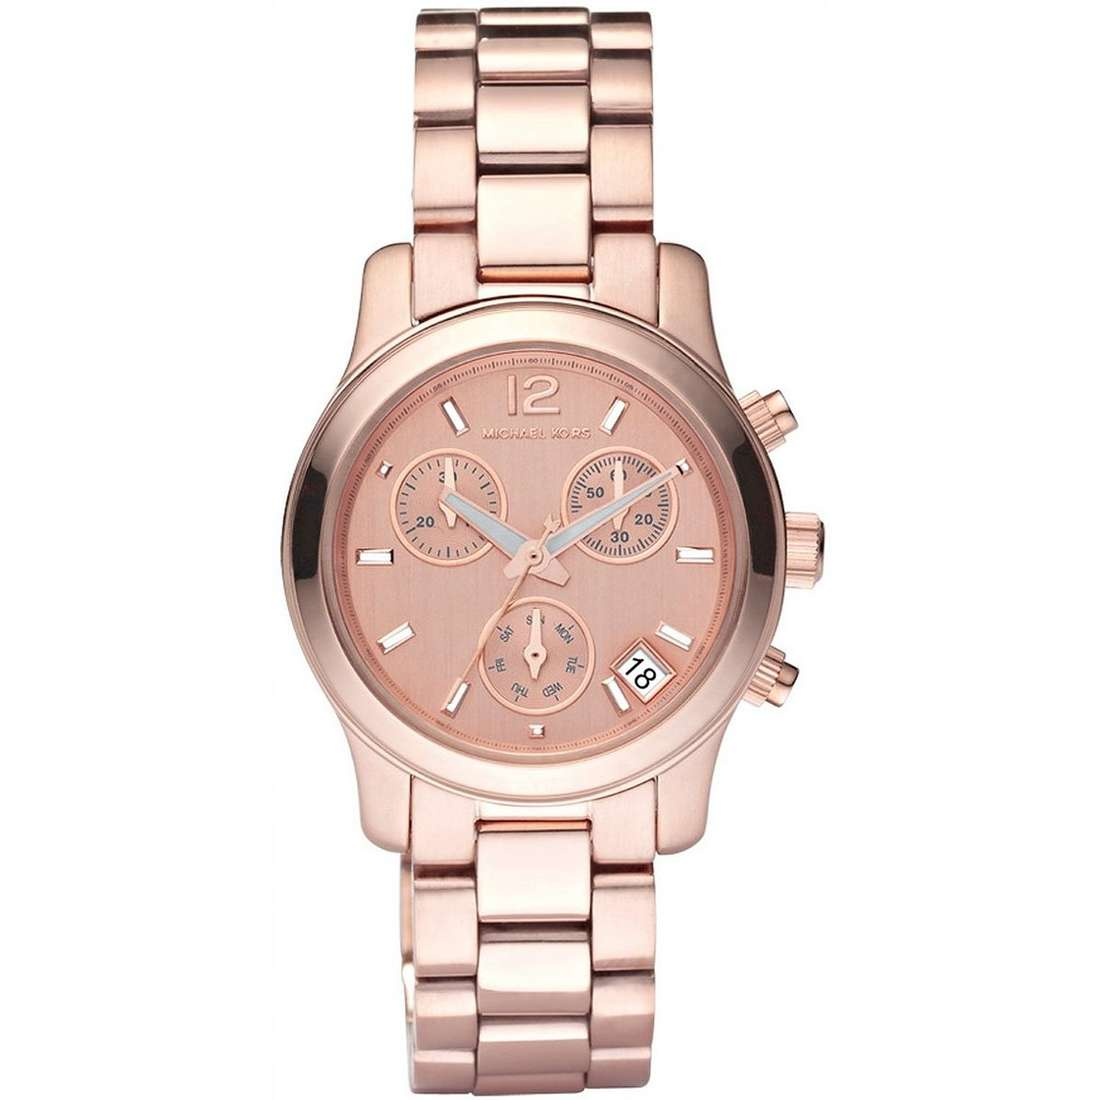 montre chronographe femme Michael Kors MK5430